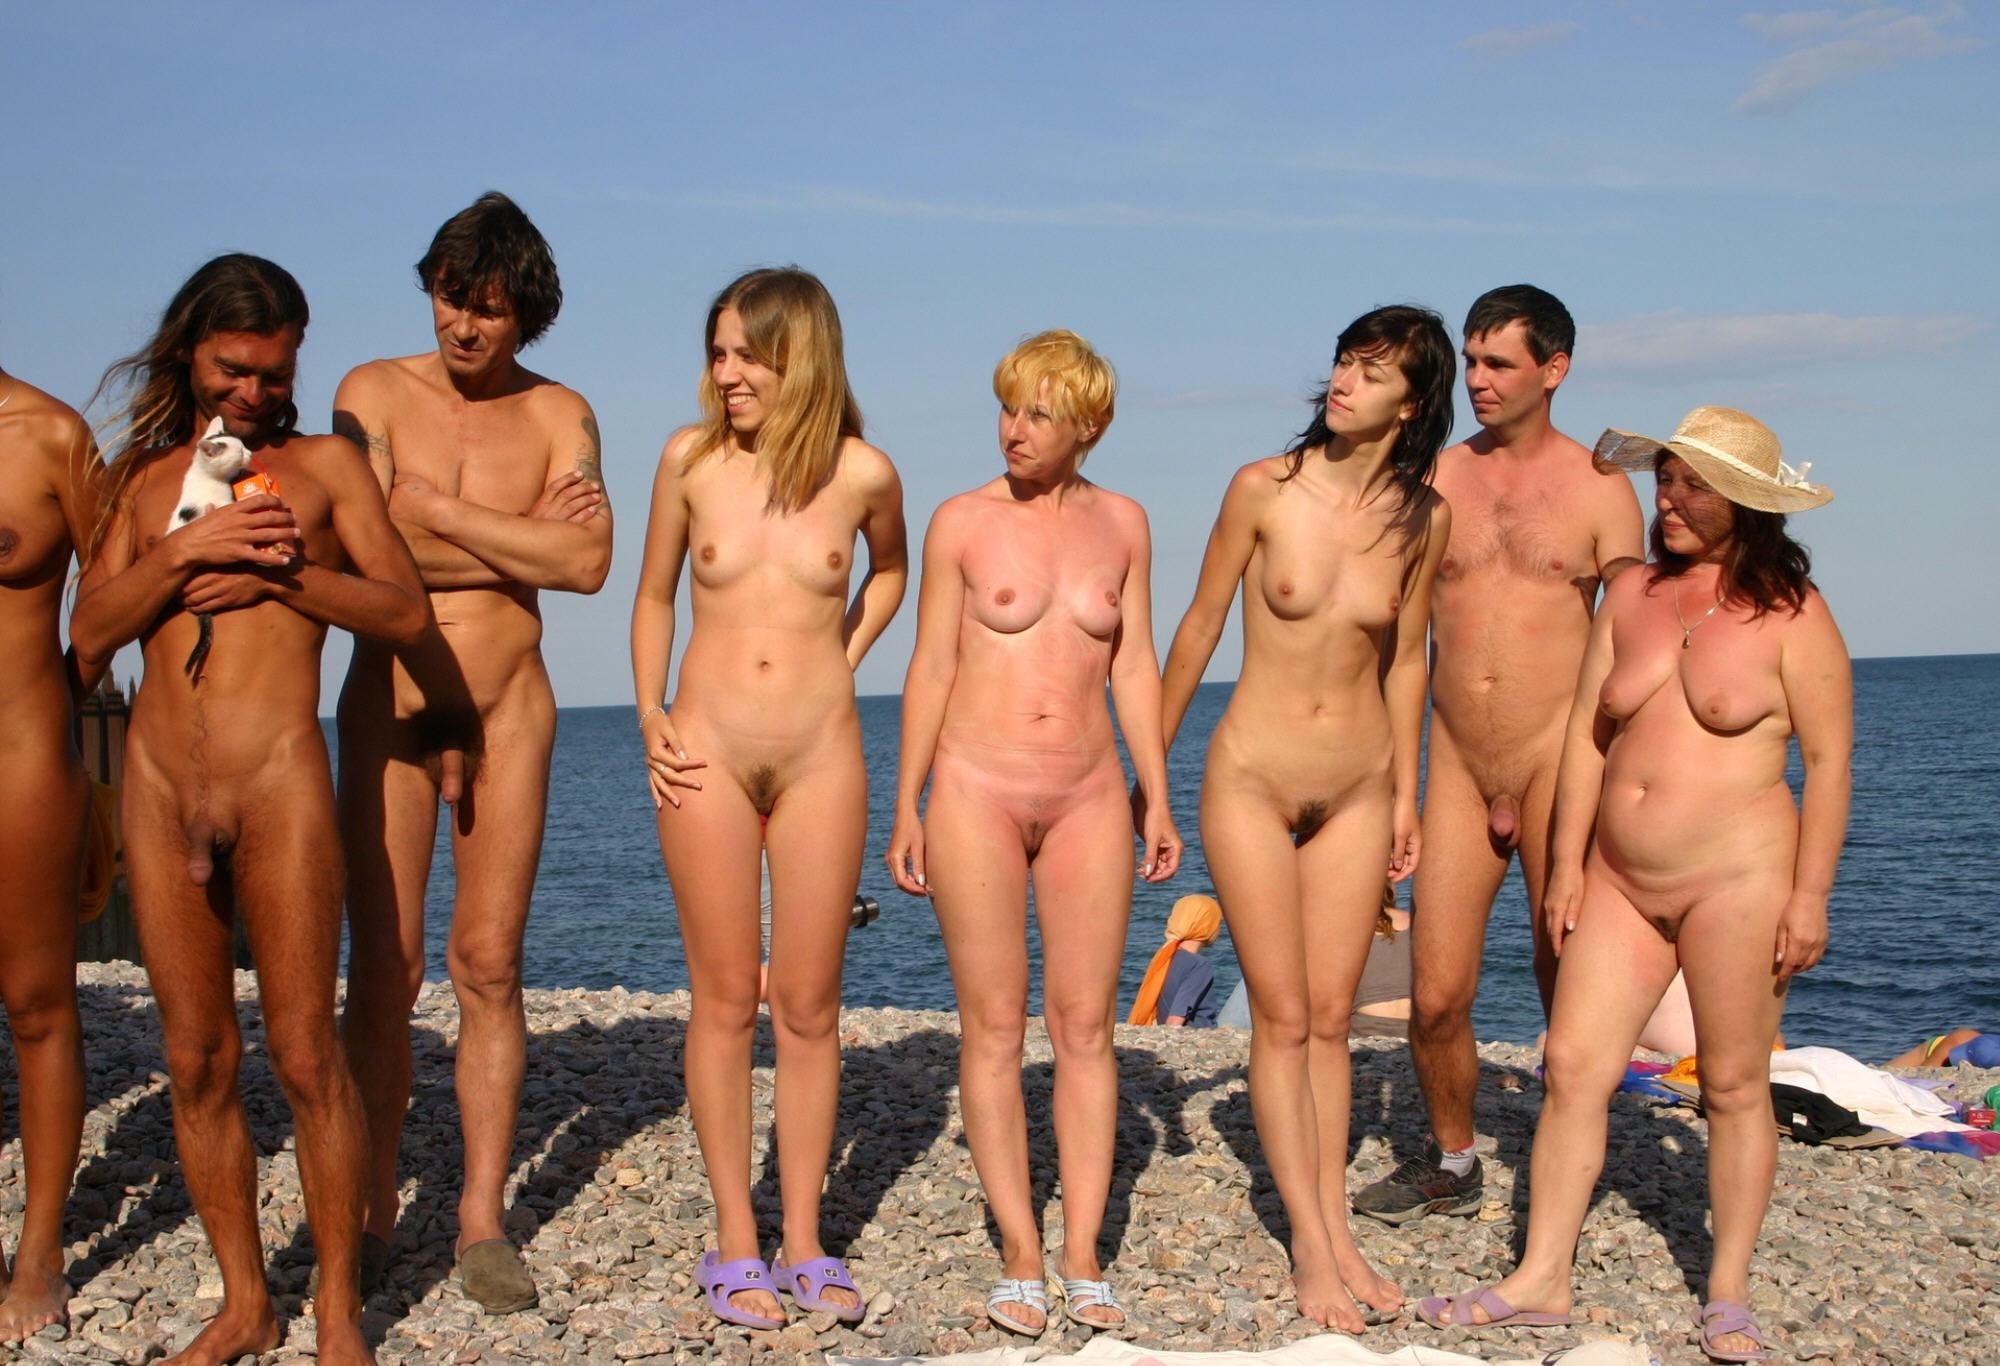 семья нудистов порно фото